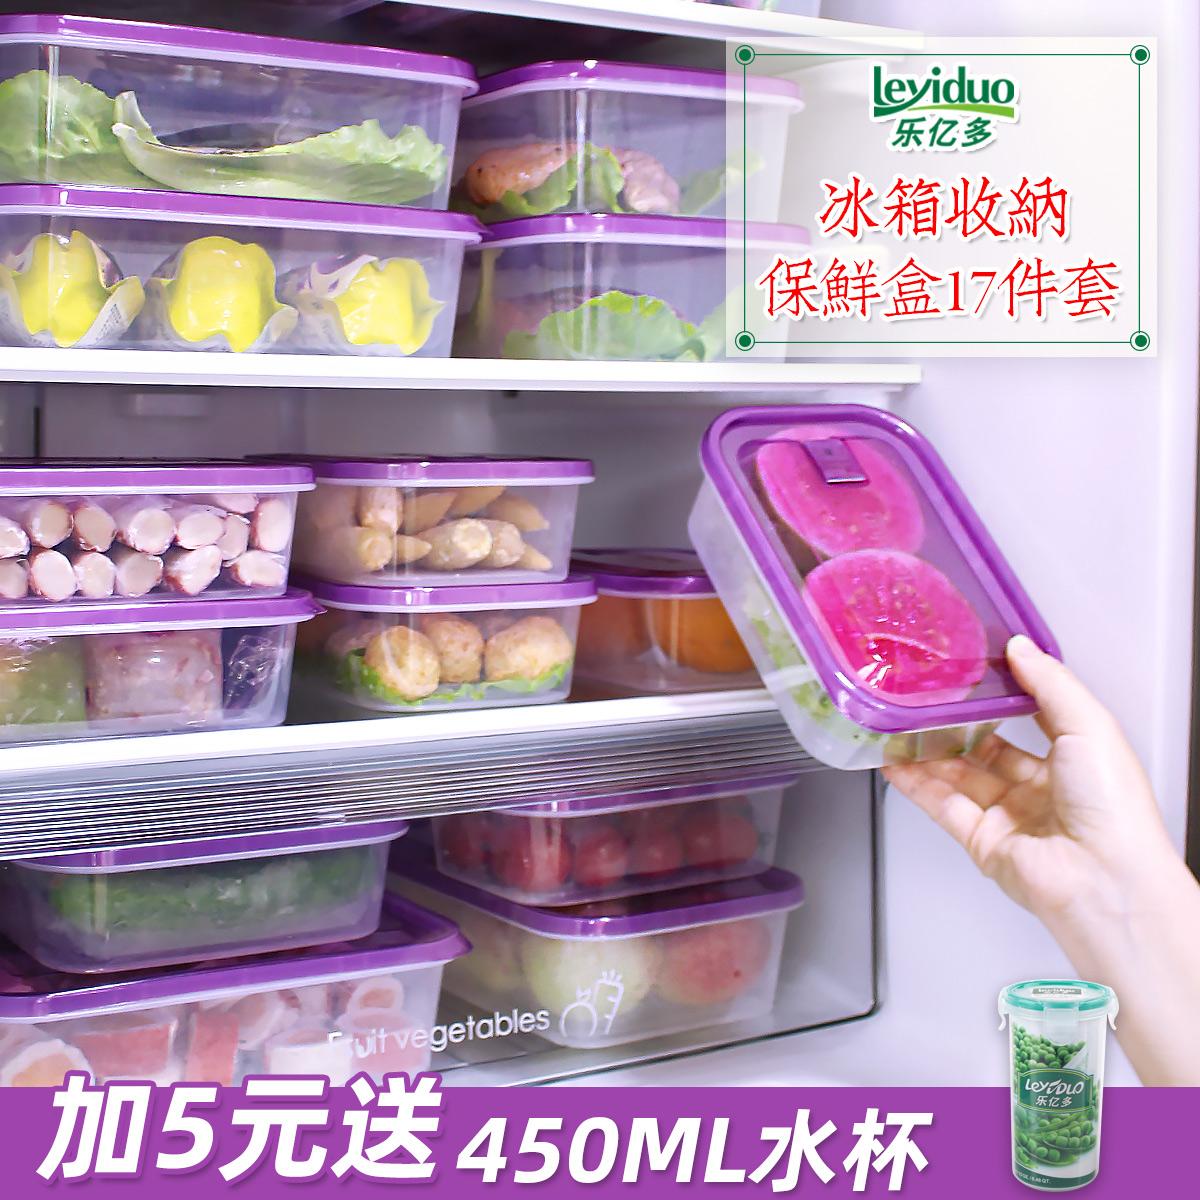 乐亿多保鲜盒塑料长方形冰箱收纳盒套装冷冻盒微波炉饭盒17件套正品保证